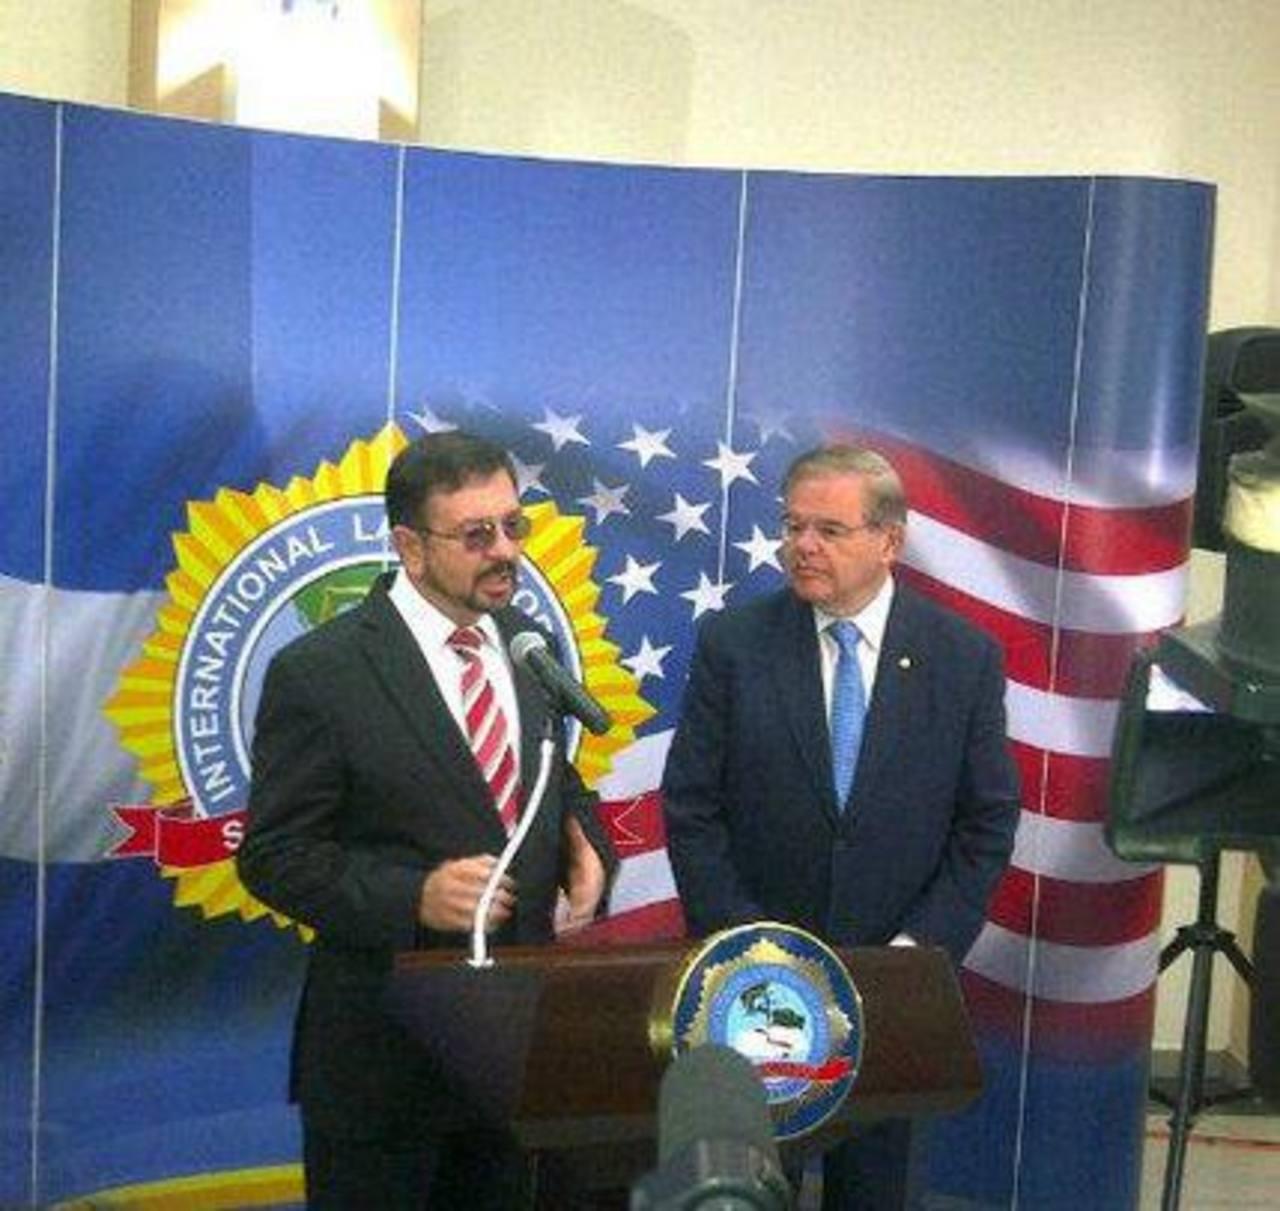 Ministro de Seguridad durante la conferencia en conjunto con el senador Robert Menéndez. Foto vía @MiSeguridad_SV